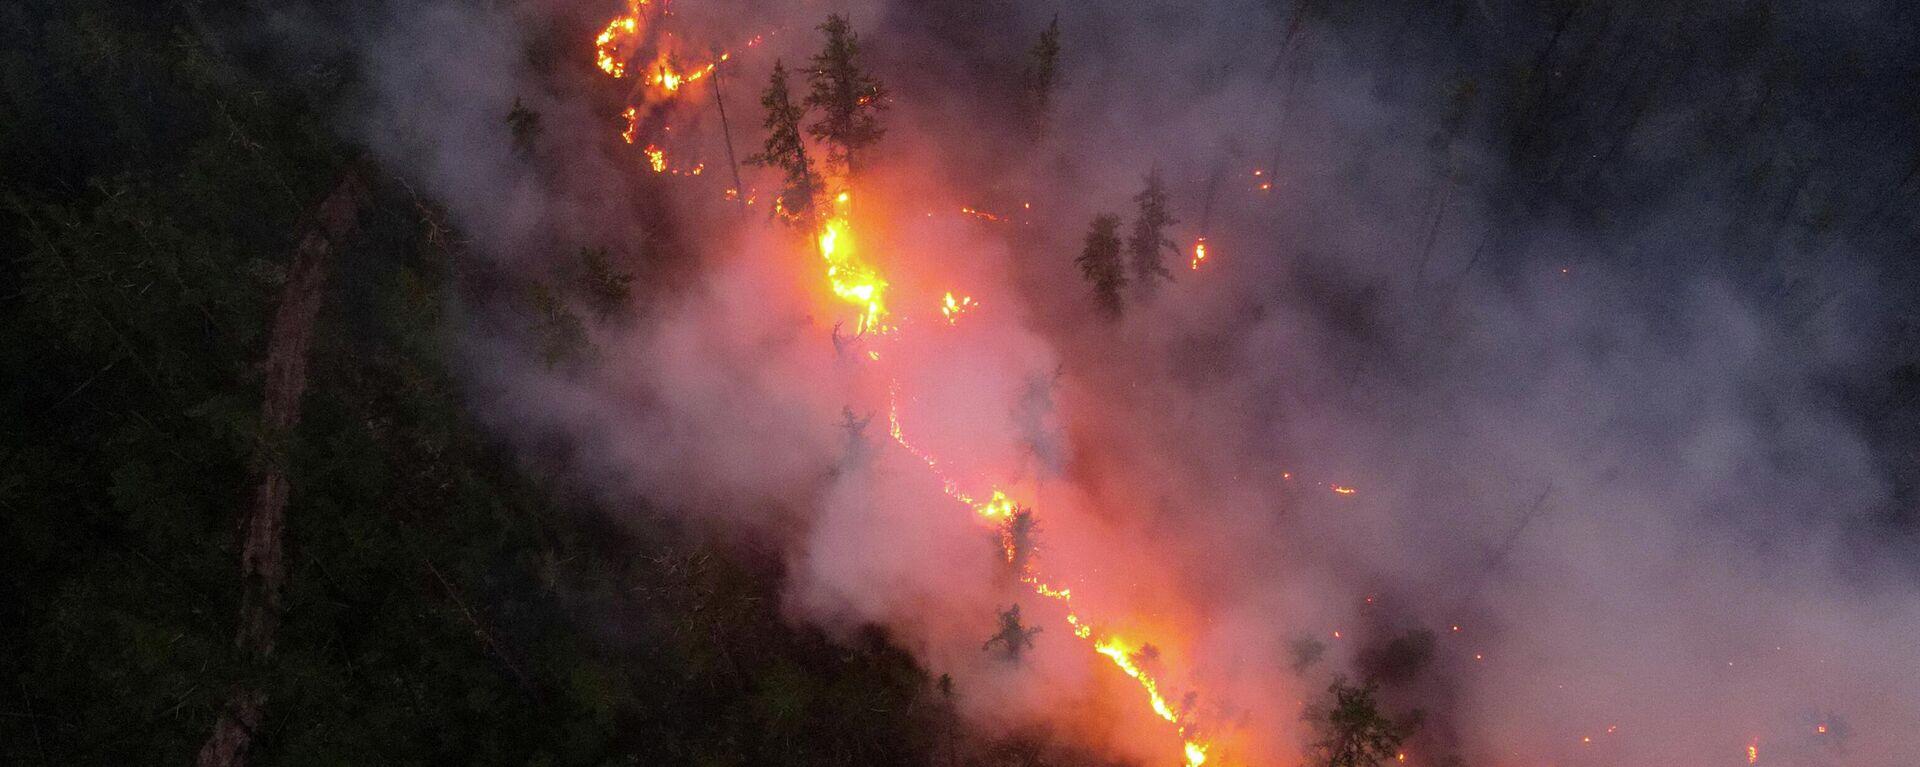 Incendios forestales en la república rusa de Sajá-Yakutia - Sputnik Mundo, 1920, 15.08.2021